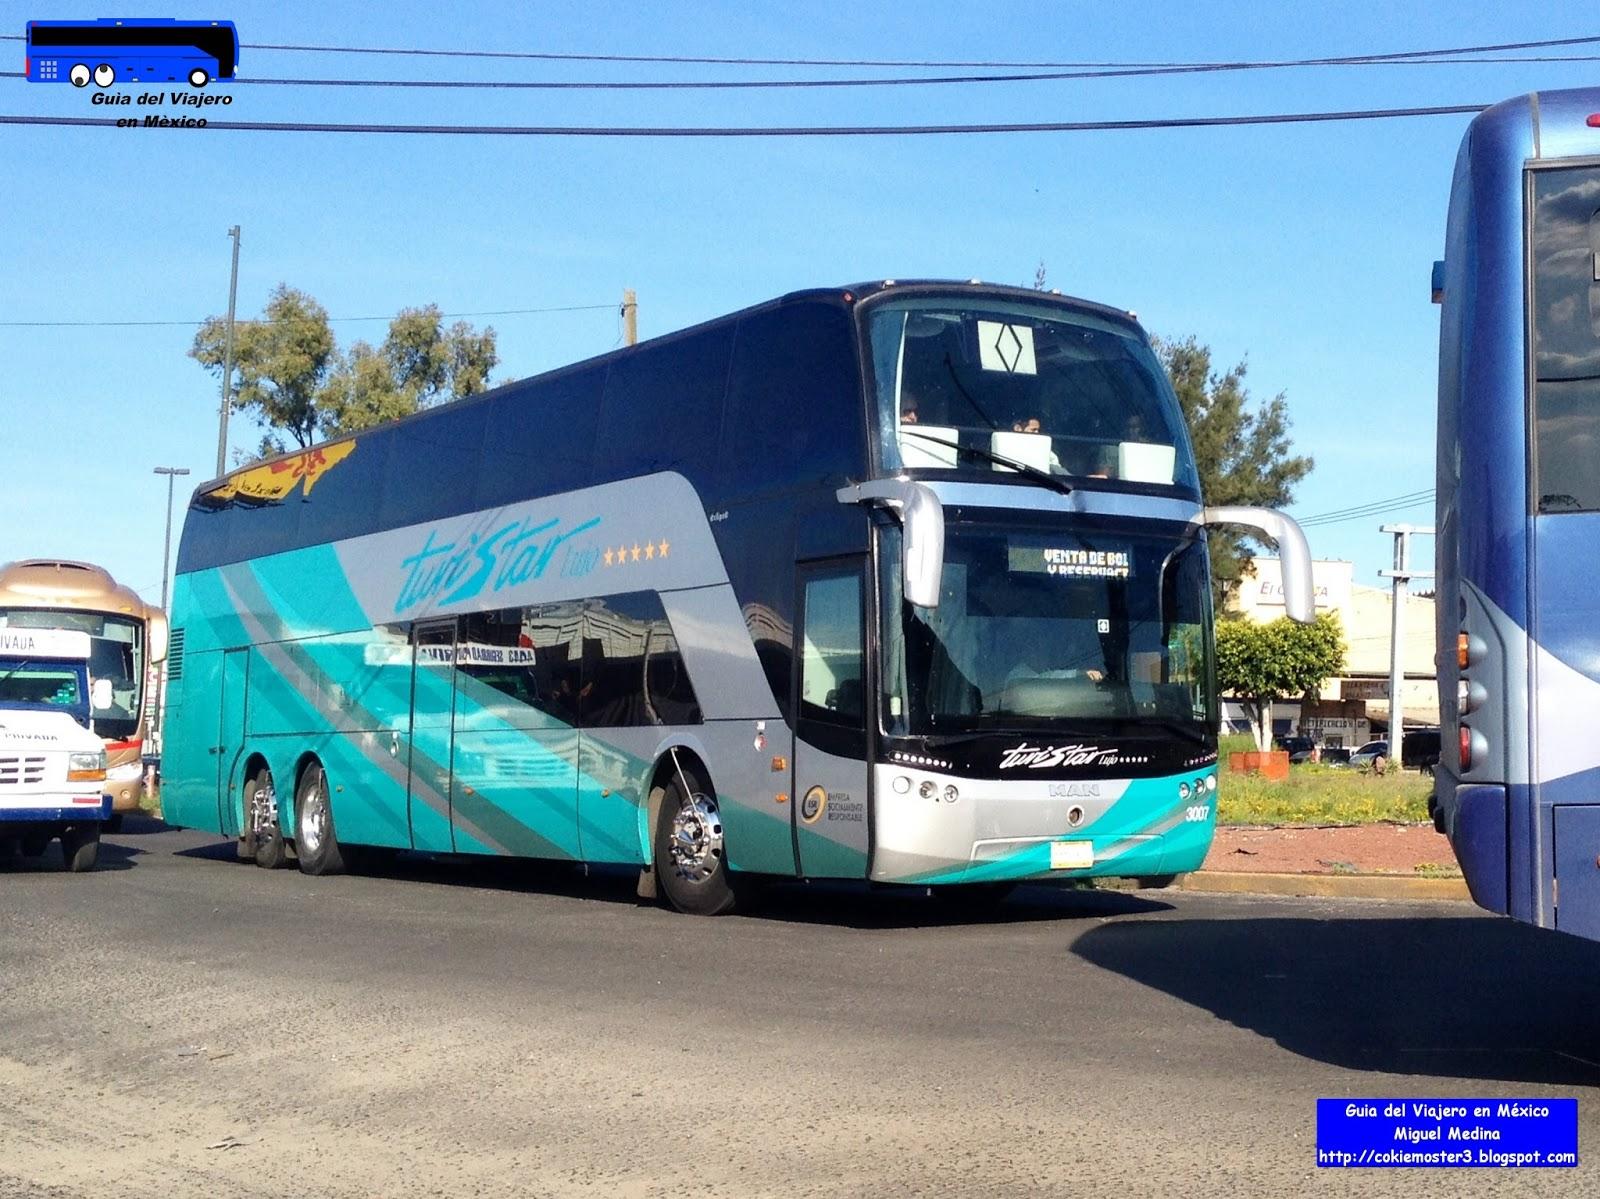 Gu a del viajero en m xico viajo en autob s porque son excitantes turistar lujo dos pisos - Autobuses de dos pisos ...